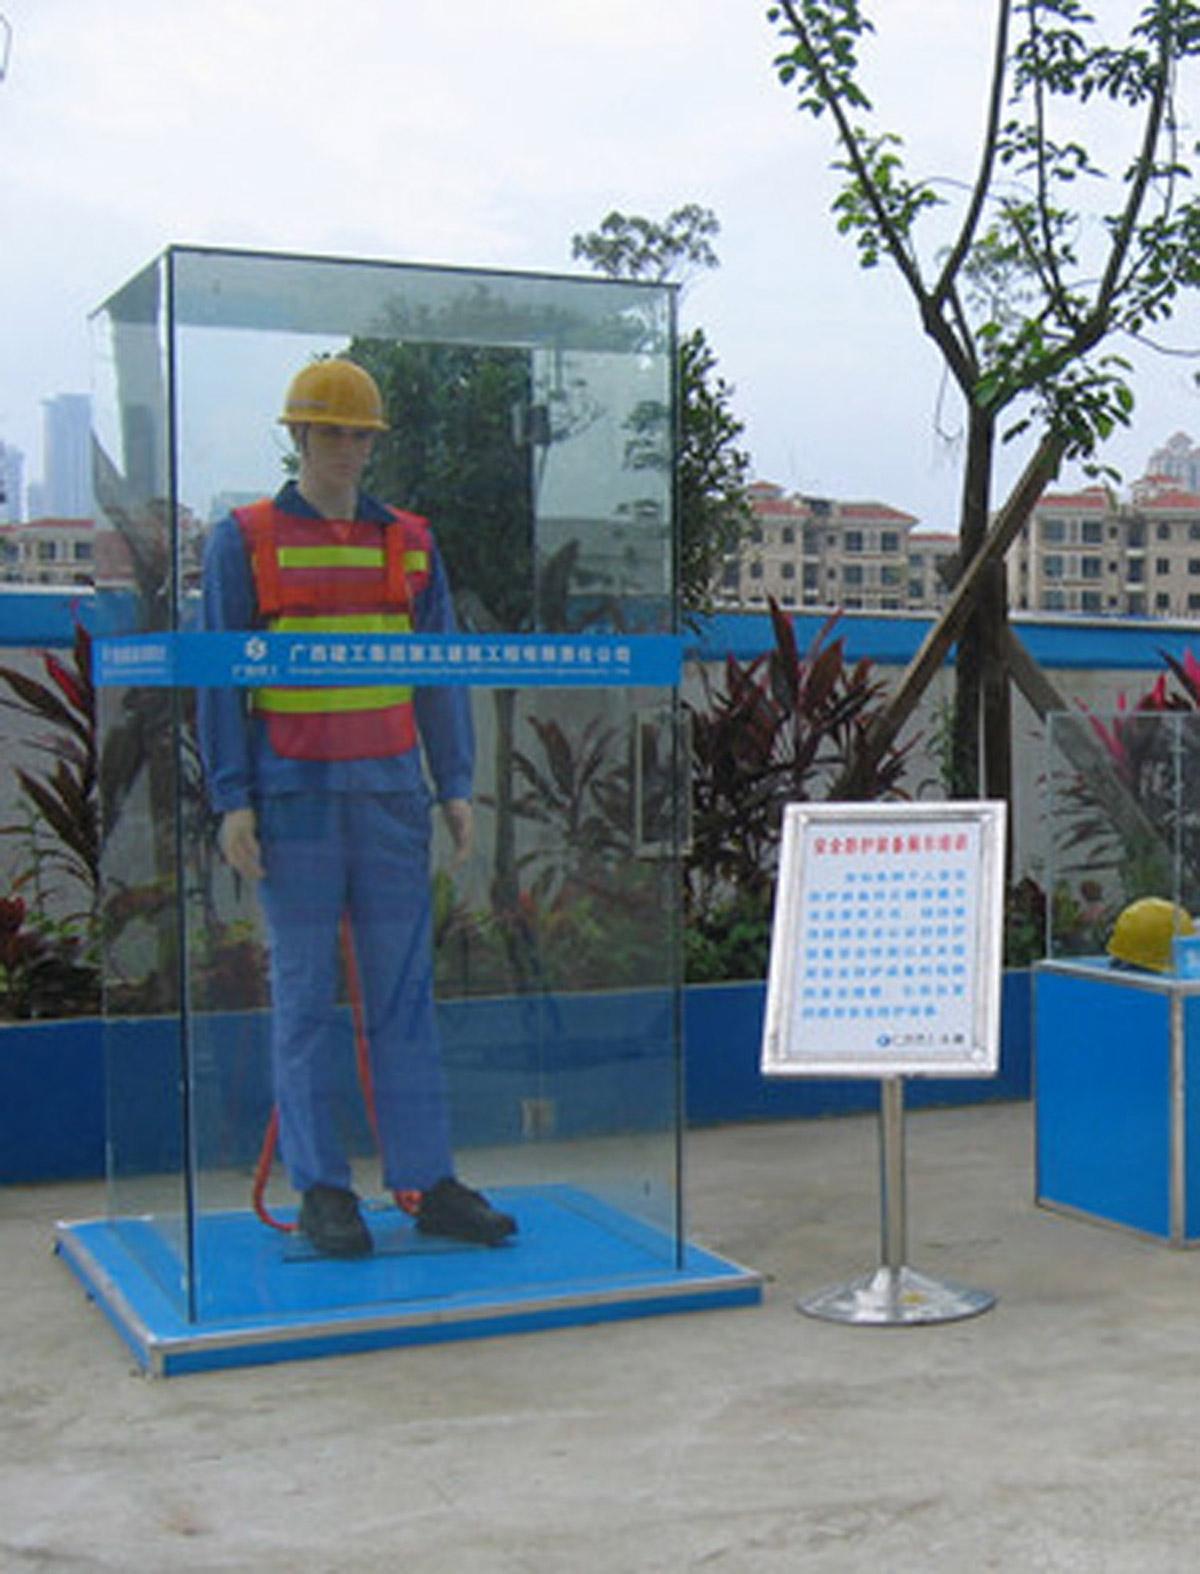 阳城安全体验安全服装教育